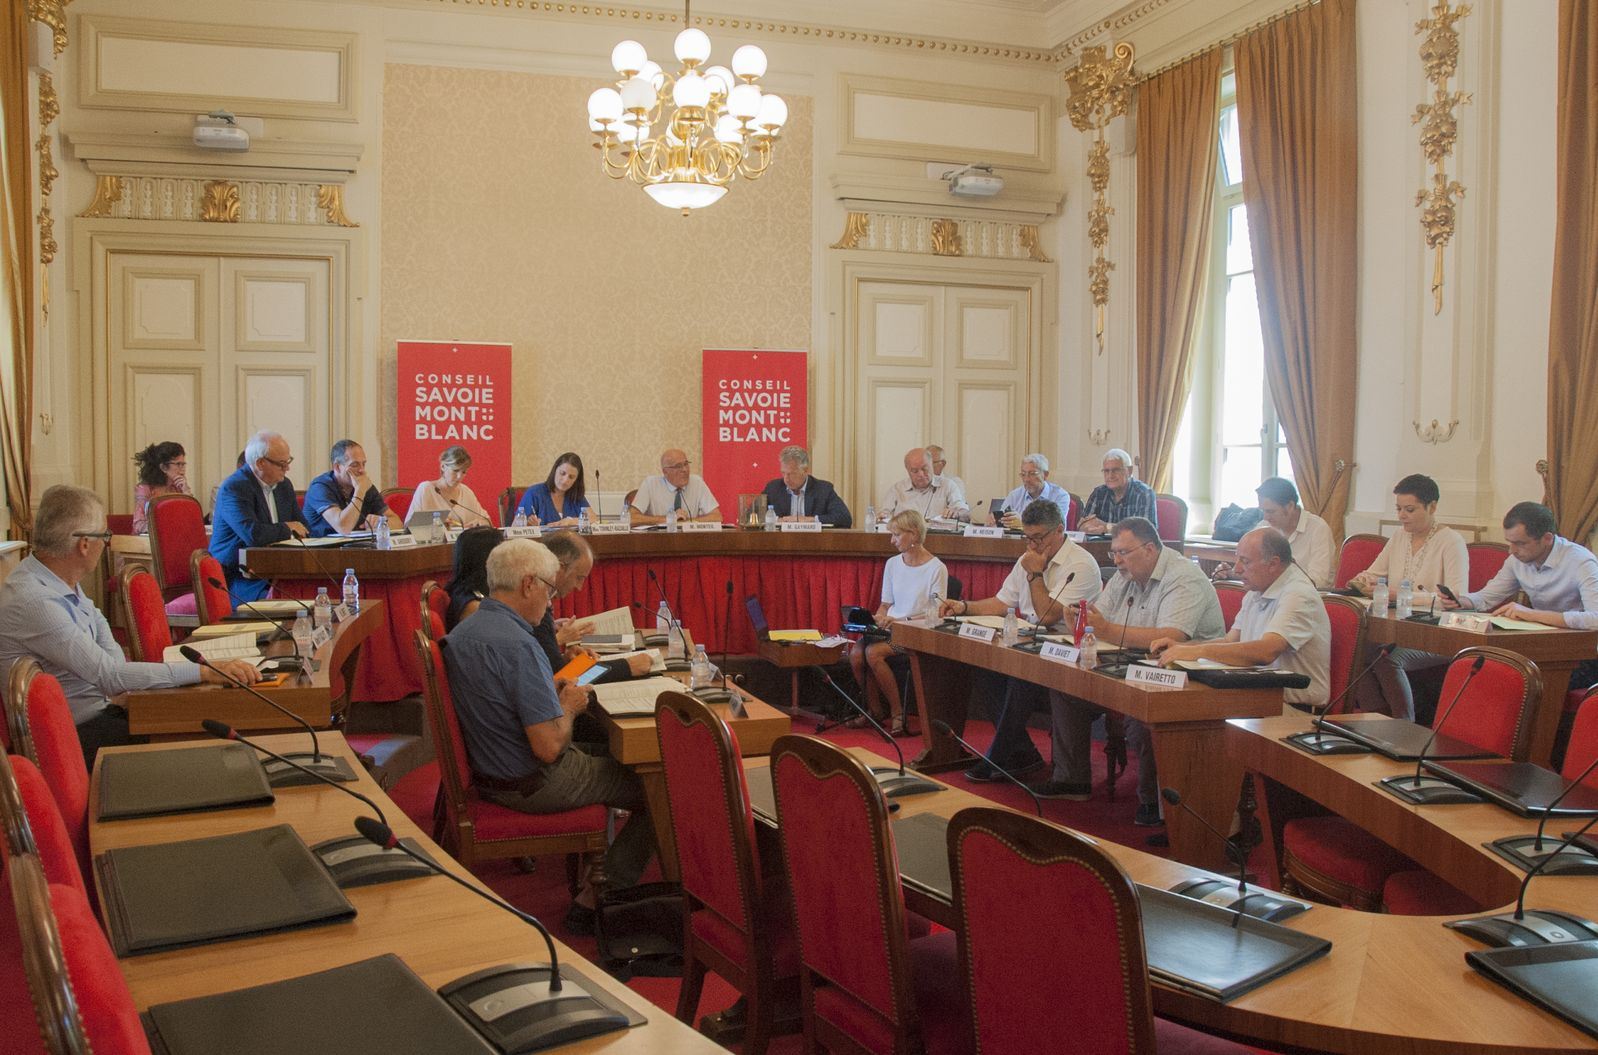 Le Conseil Savoie Mont Blanc renforce son aide aux agriculteurs